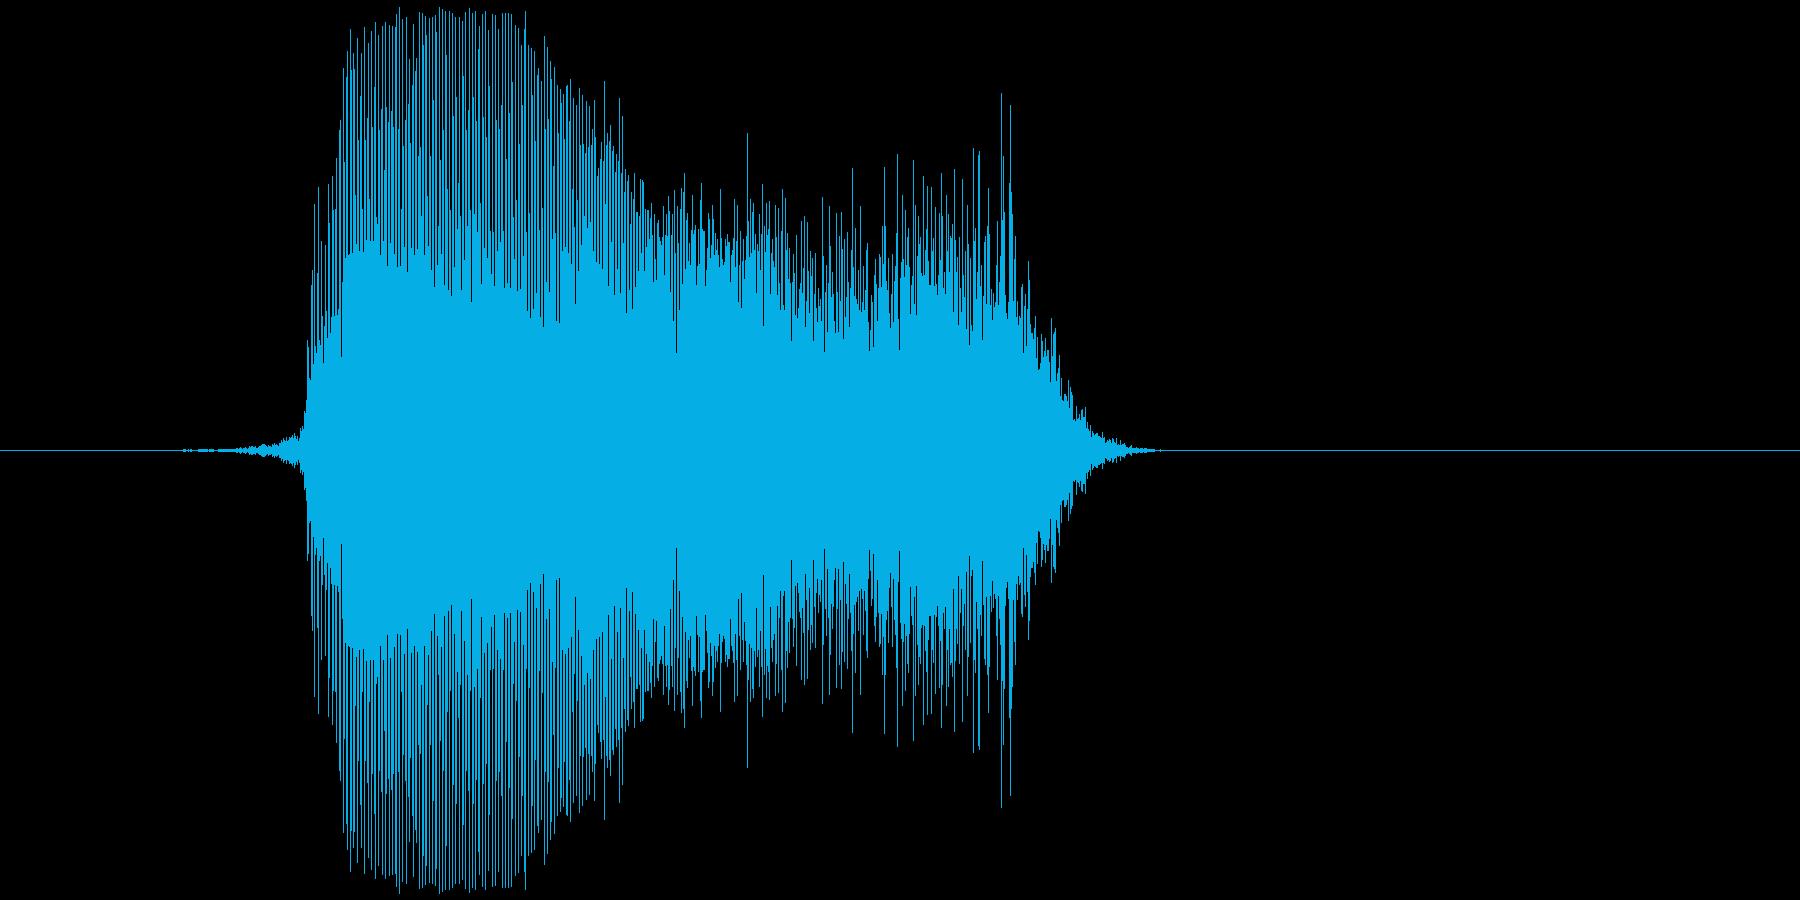 「あー」の再生済みの波形